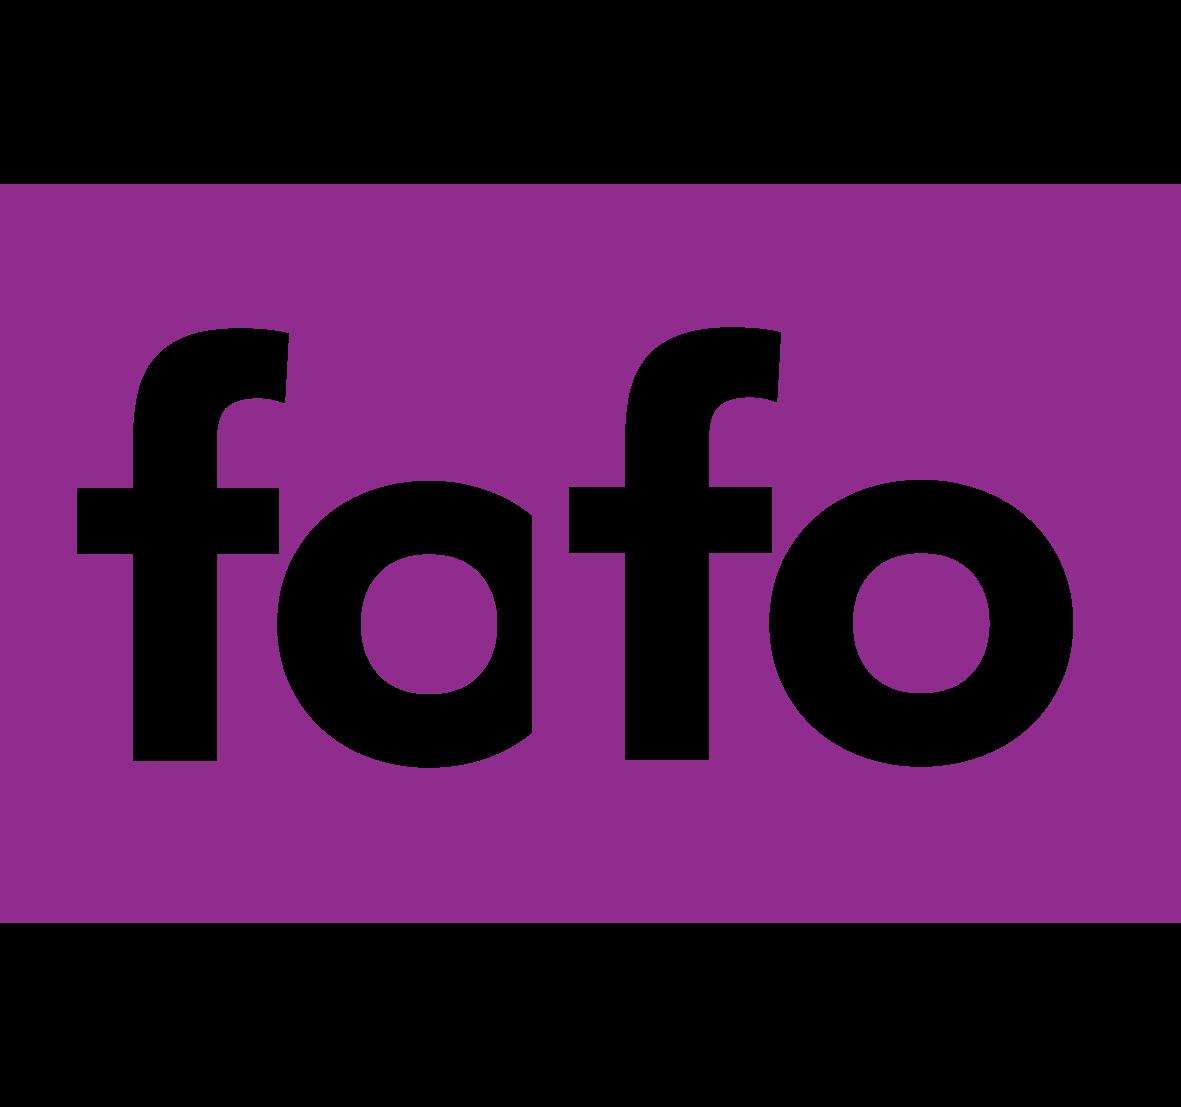 1495016176232810 logo fofo 2016 02